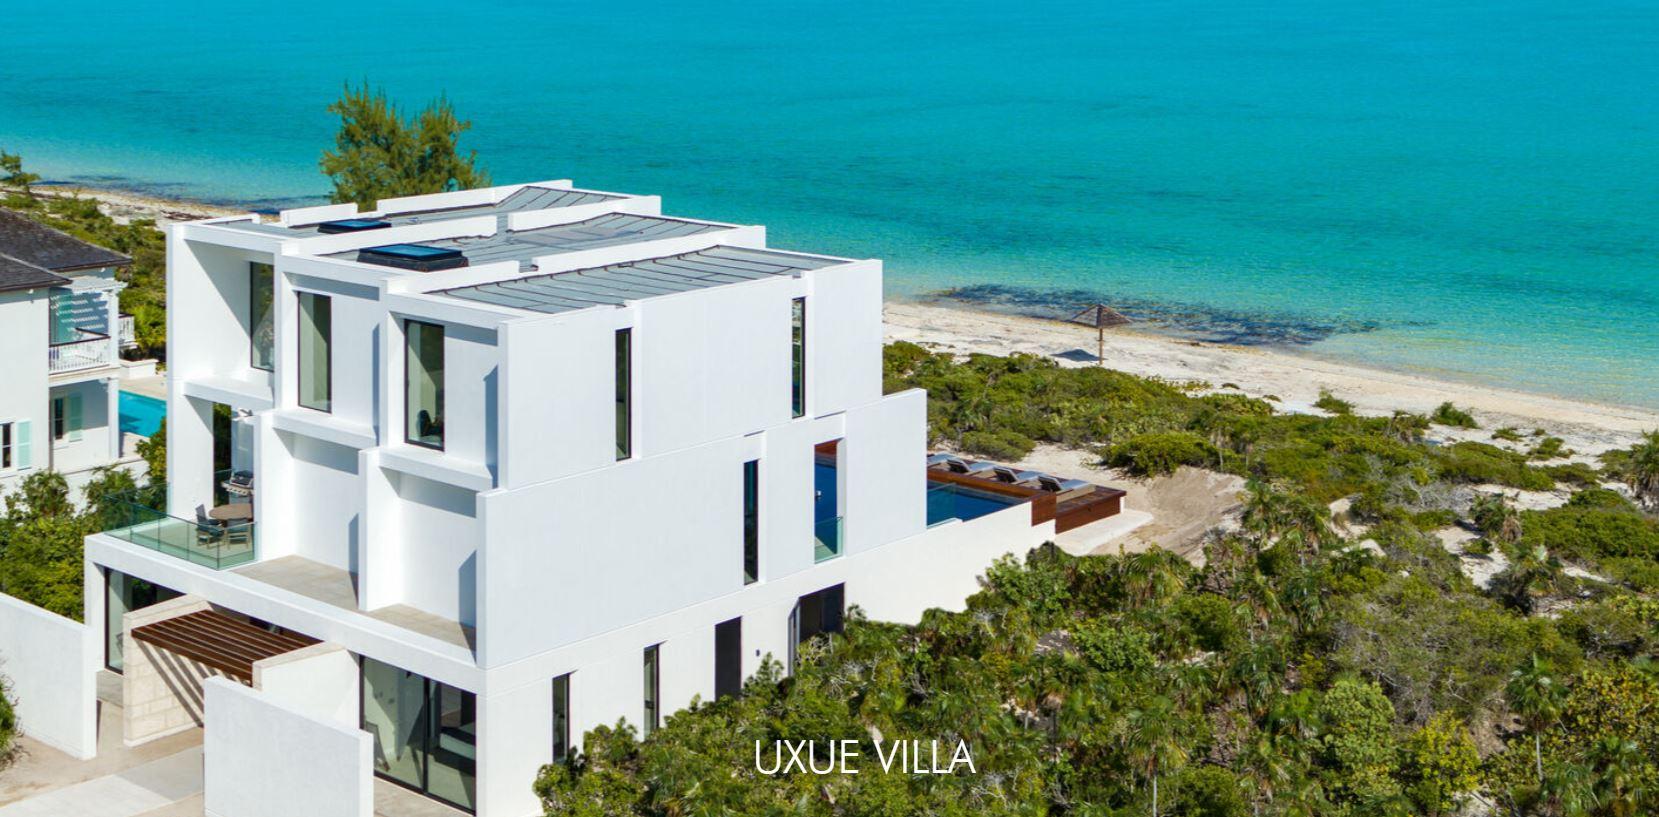 UXUE VILLA, Long Bay Hills, Turks & Caicos